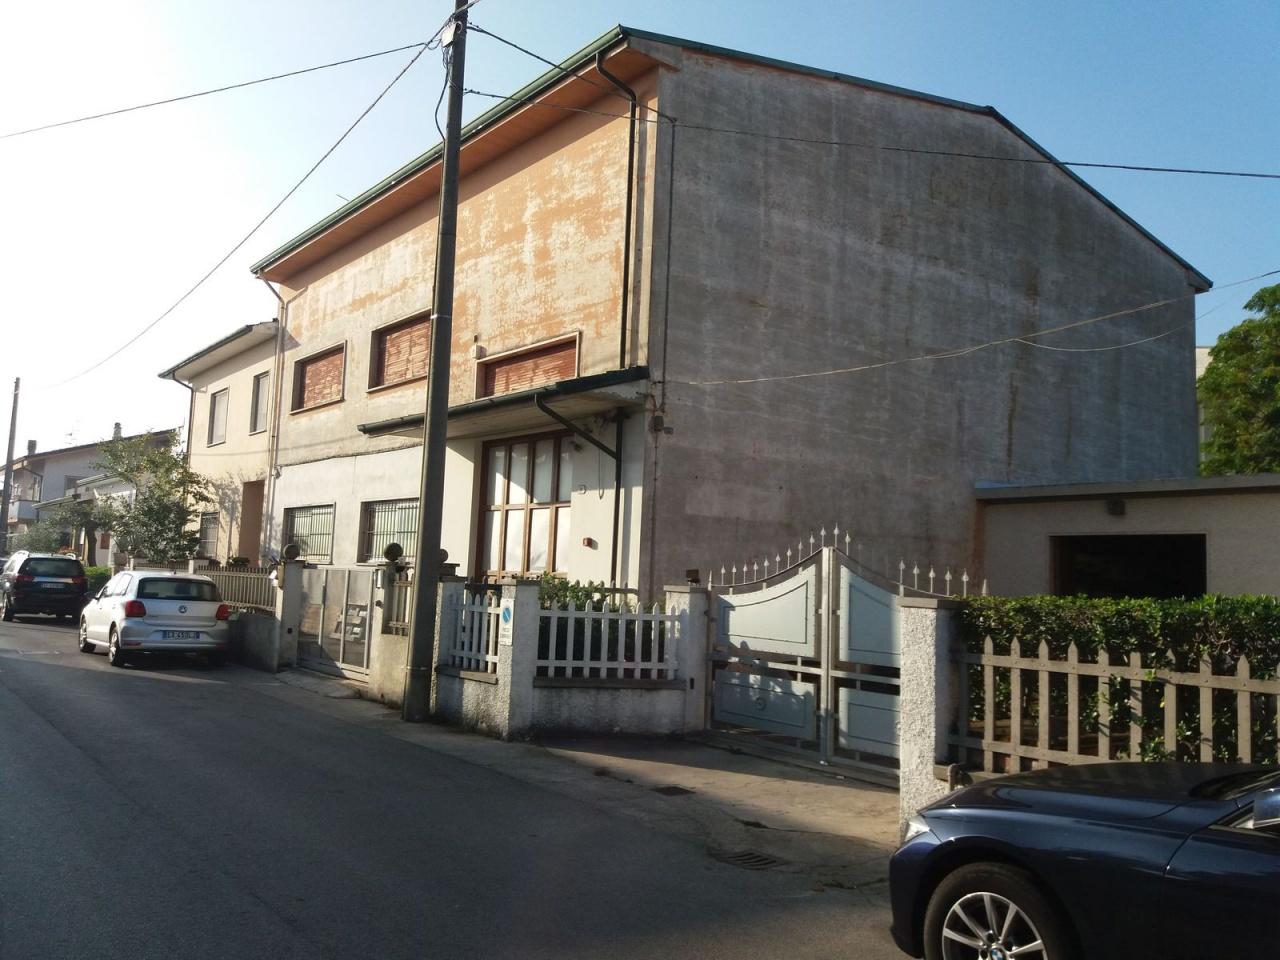 Capannone in vendita a Viareggio, 4 locali, prezzo € 170.000 | CambioCasa.it